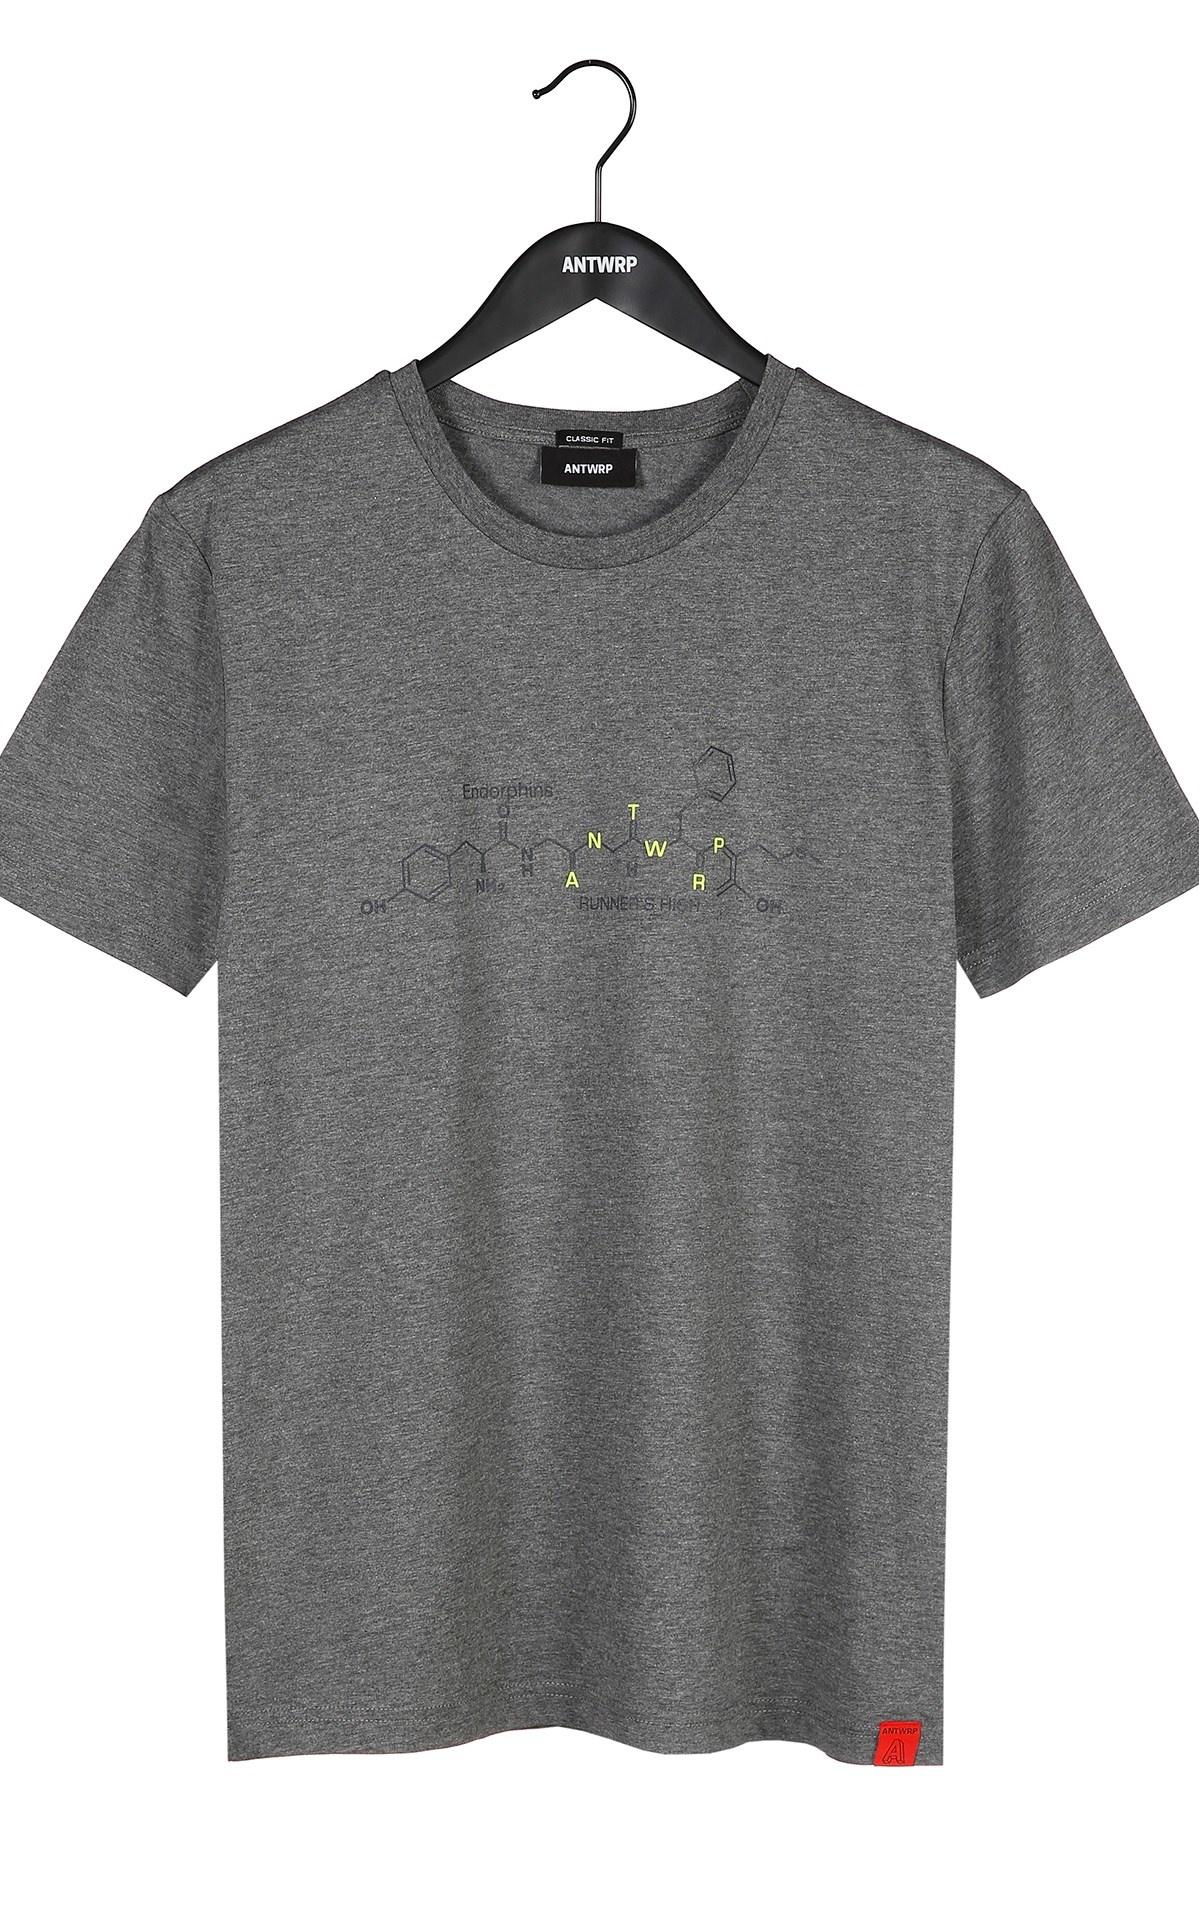 Antwrp T-shirt Antwrp 2002-BTS008-L001-002